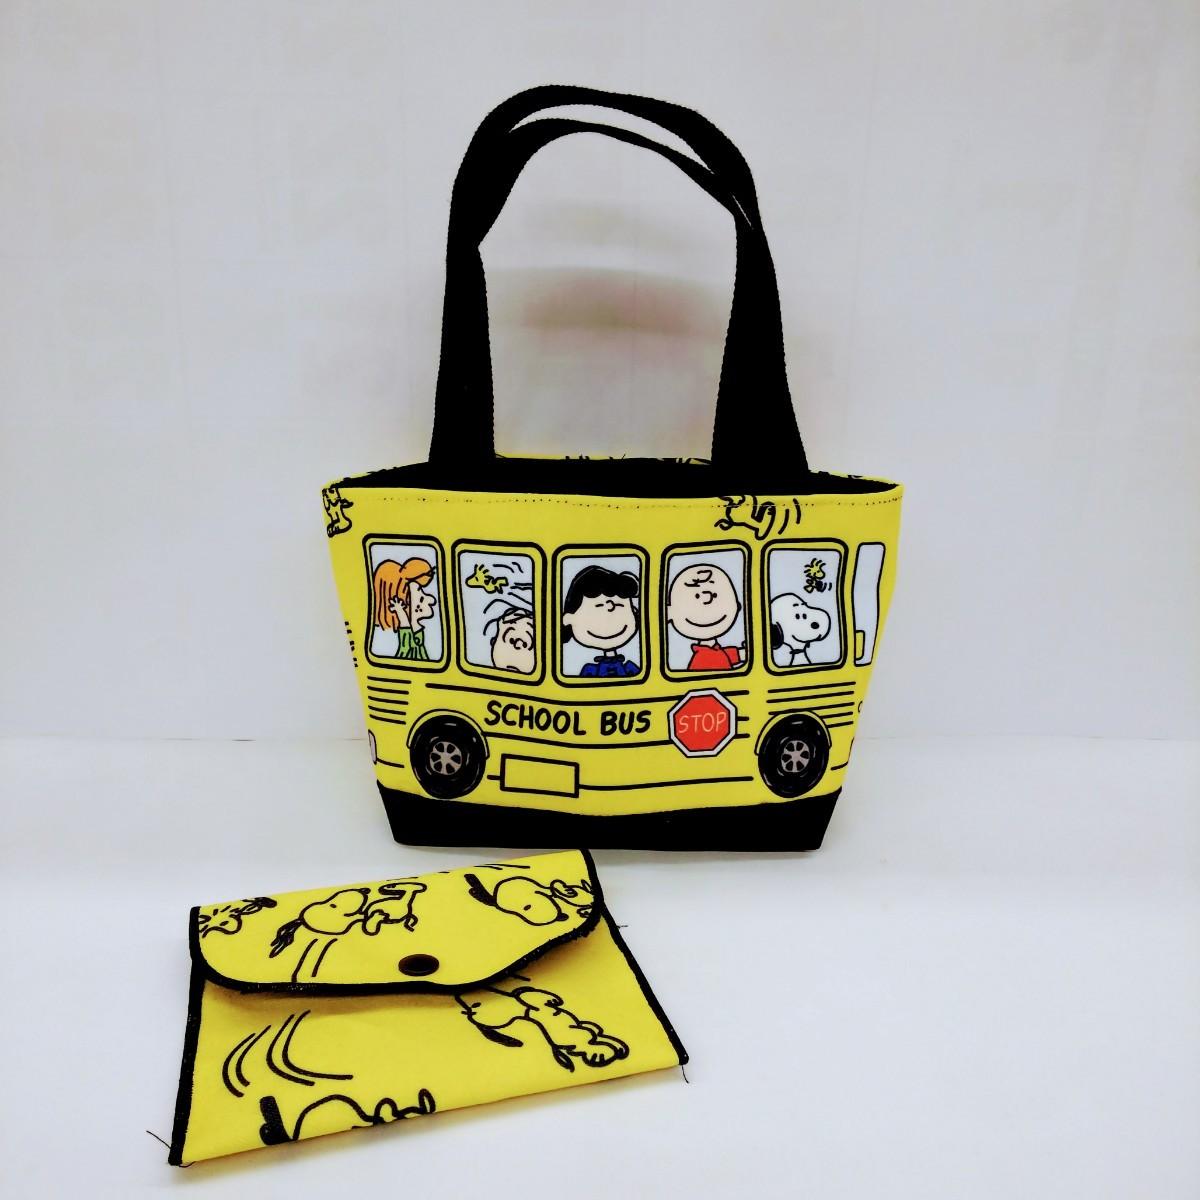 ハンドメイドバッグ  ミニバック トートバッグ ポーチ付き プレゼント ミニトートバッグ